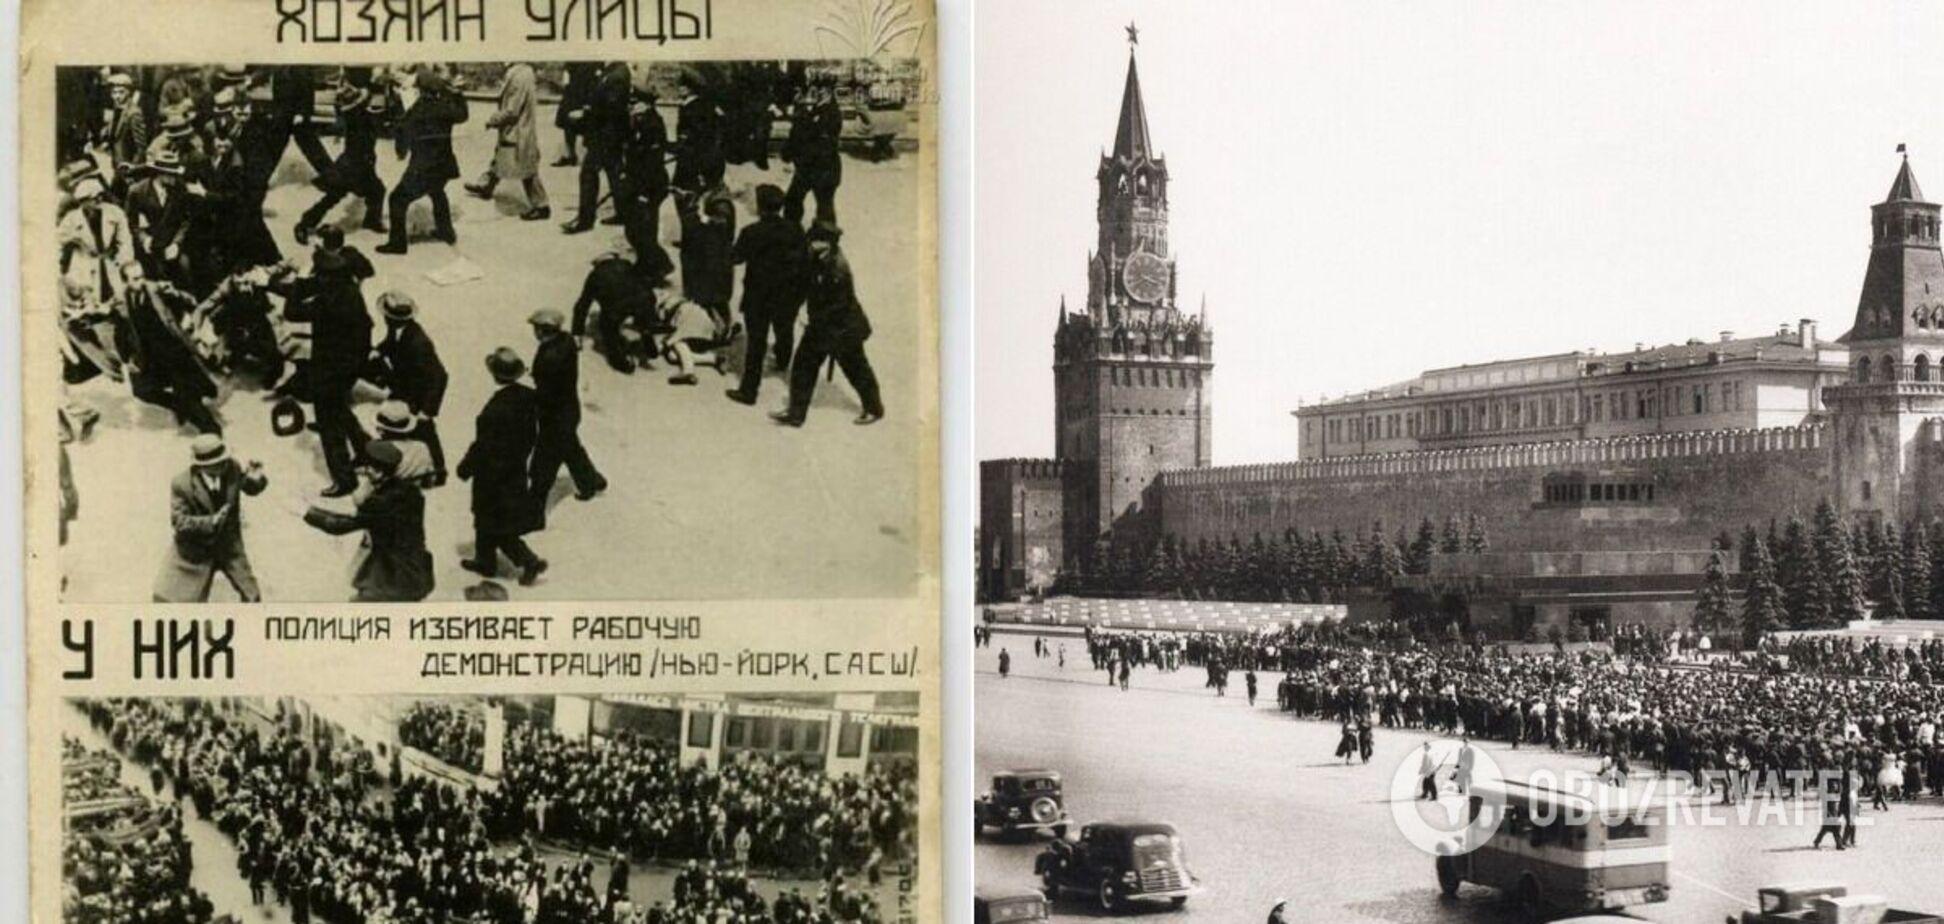 Пропаганда в СССР началась с момента его образования